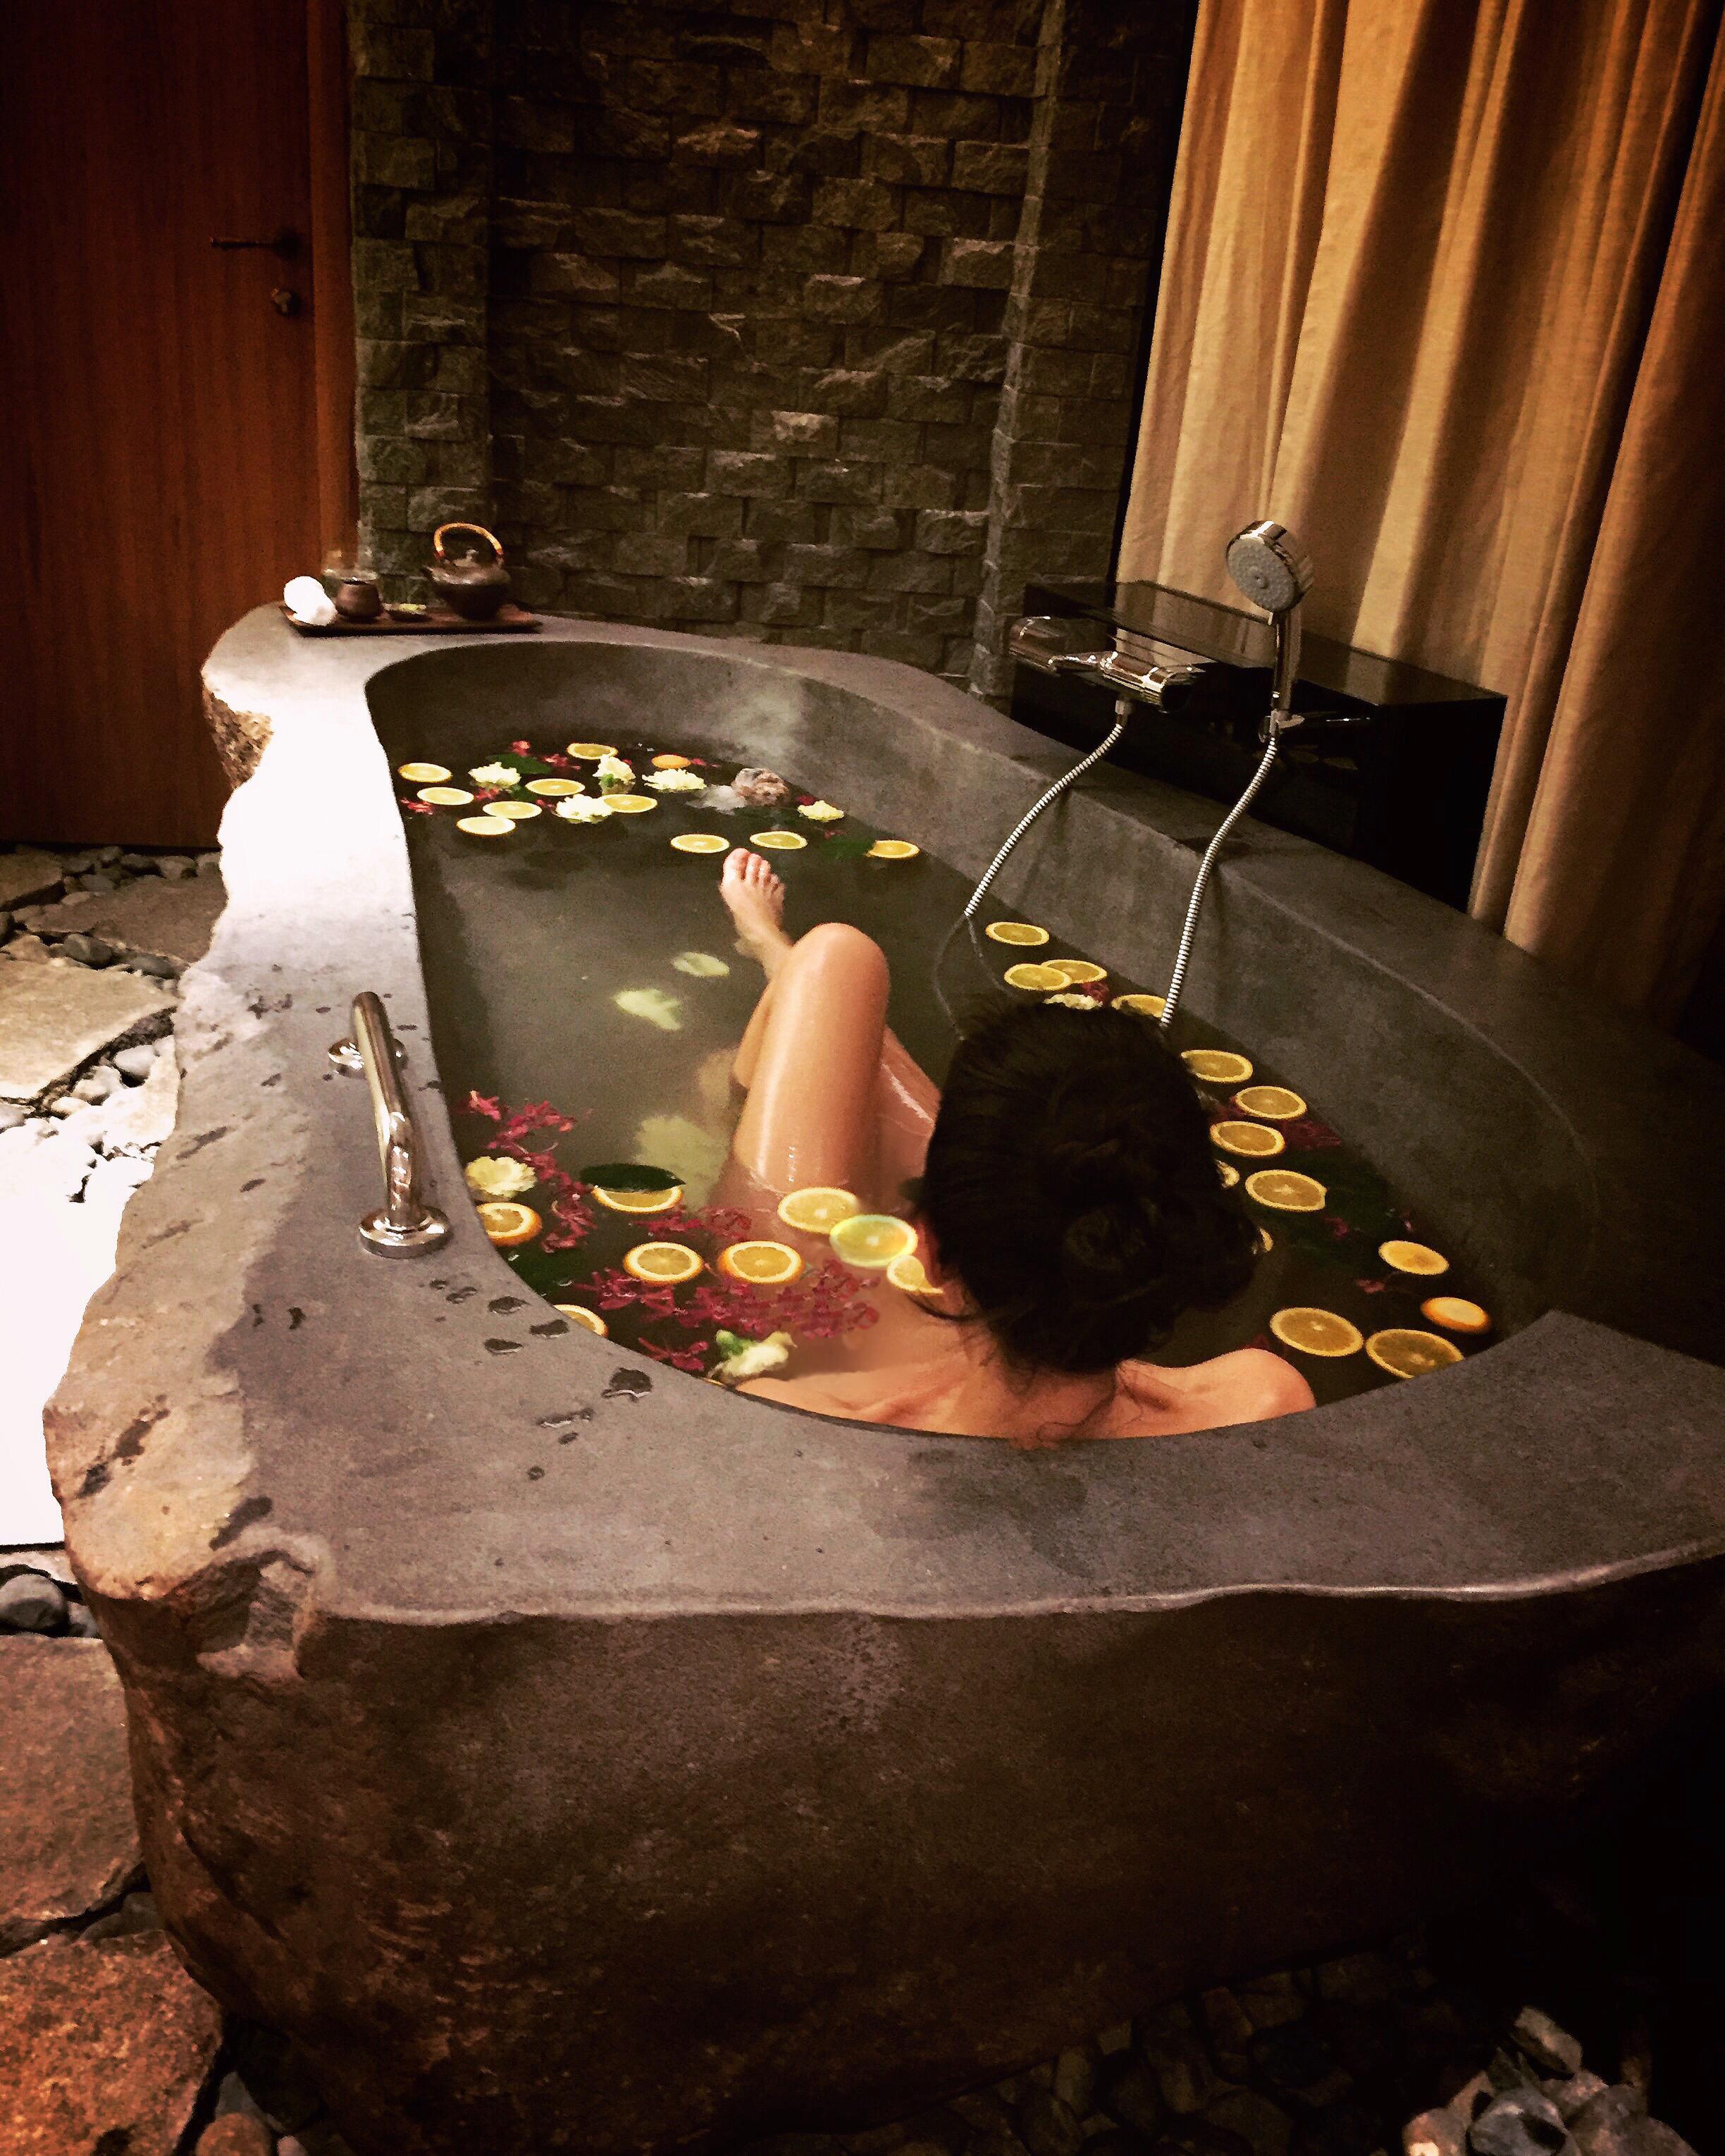 Fivelements Hong Kong Wellness Retreat Spa - Destination Deluxe